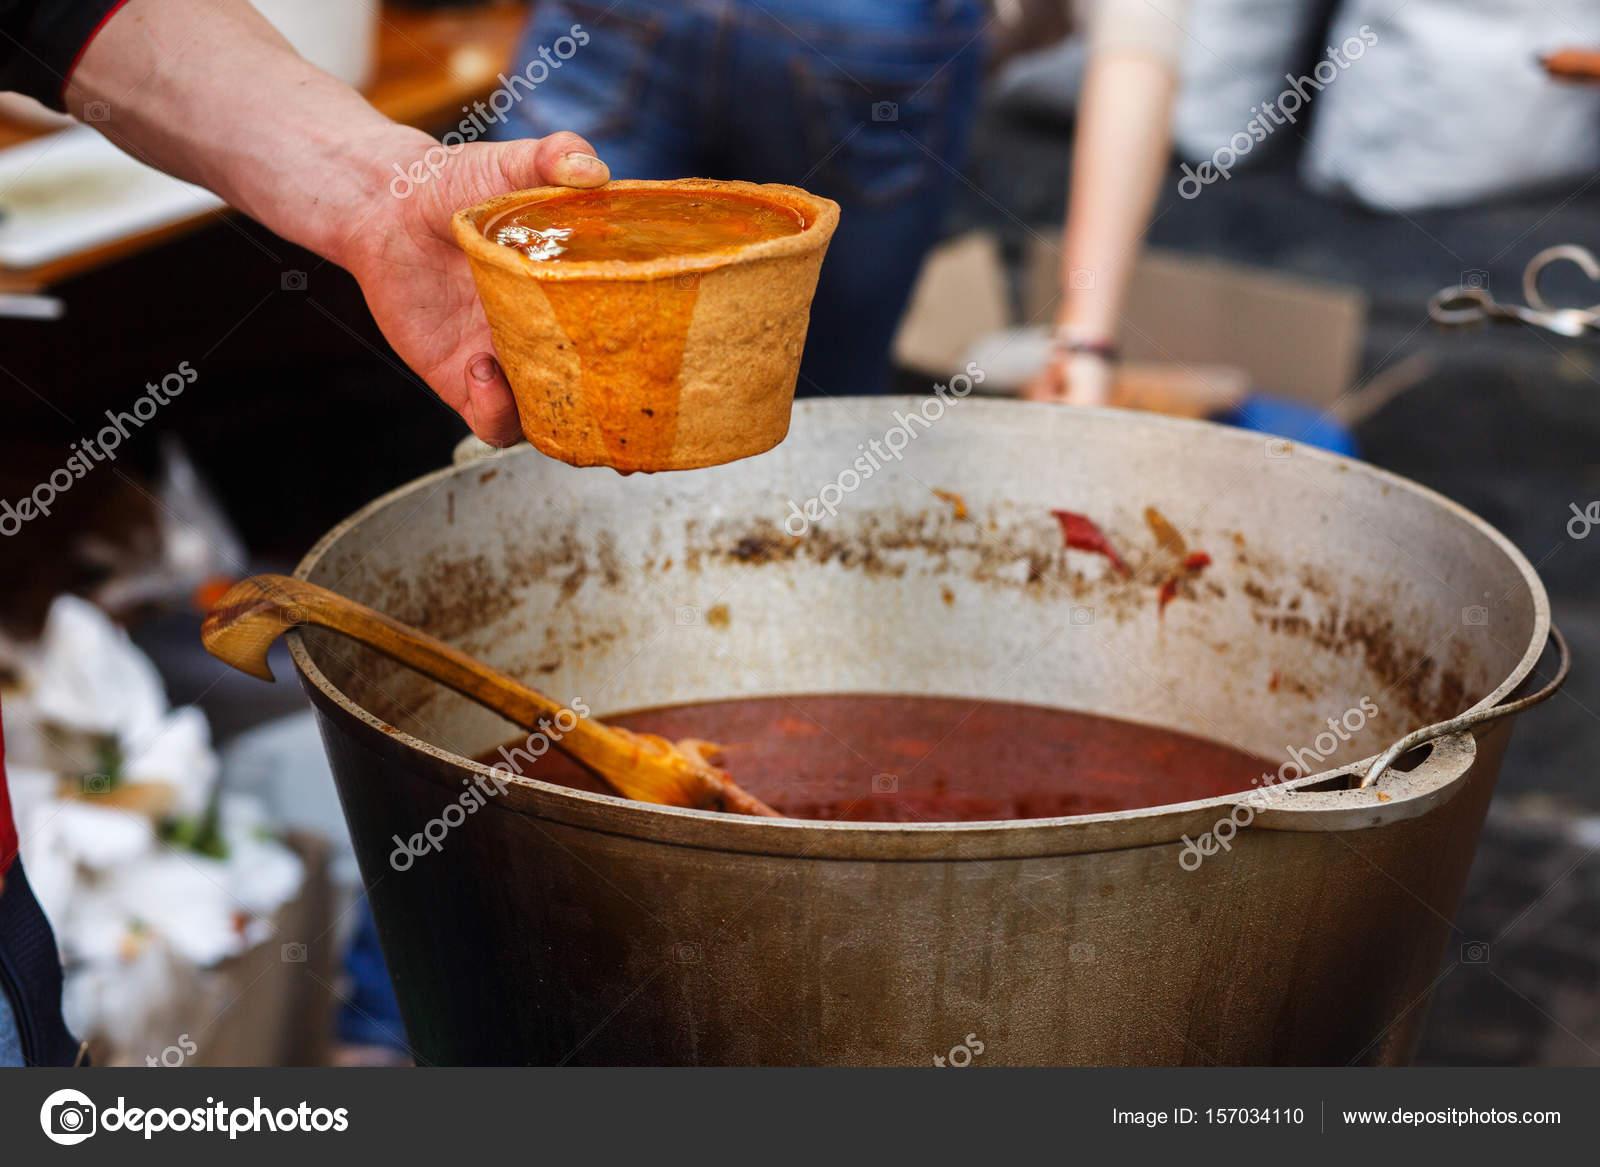 Outdoor Küche Aus Ungarn : Leckeres gulasch in große schüssel u2014 stockfoto © sonyachny #157034110